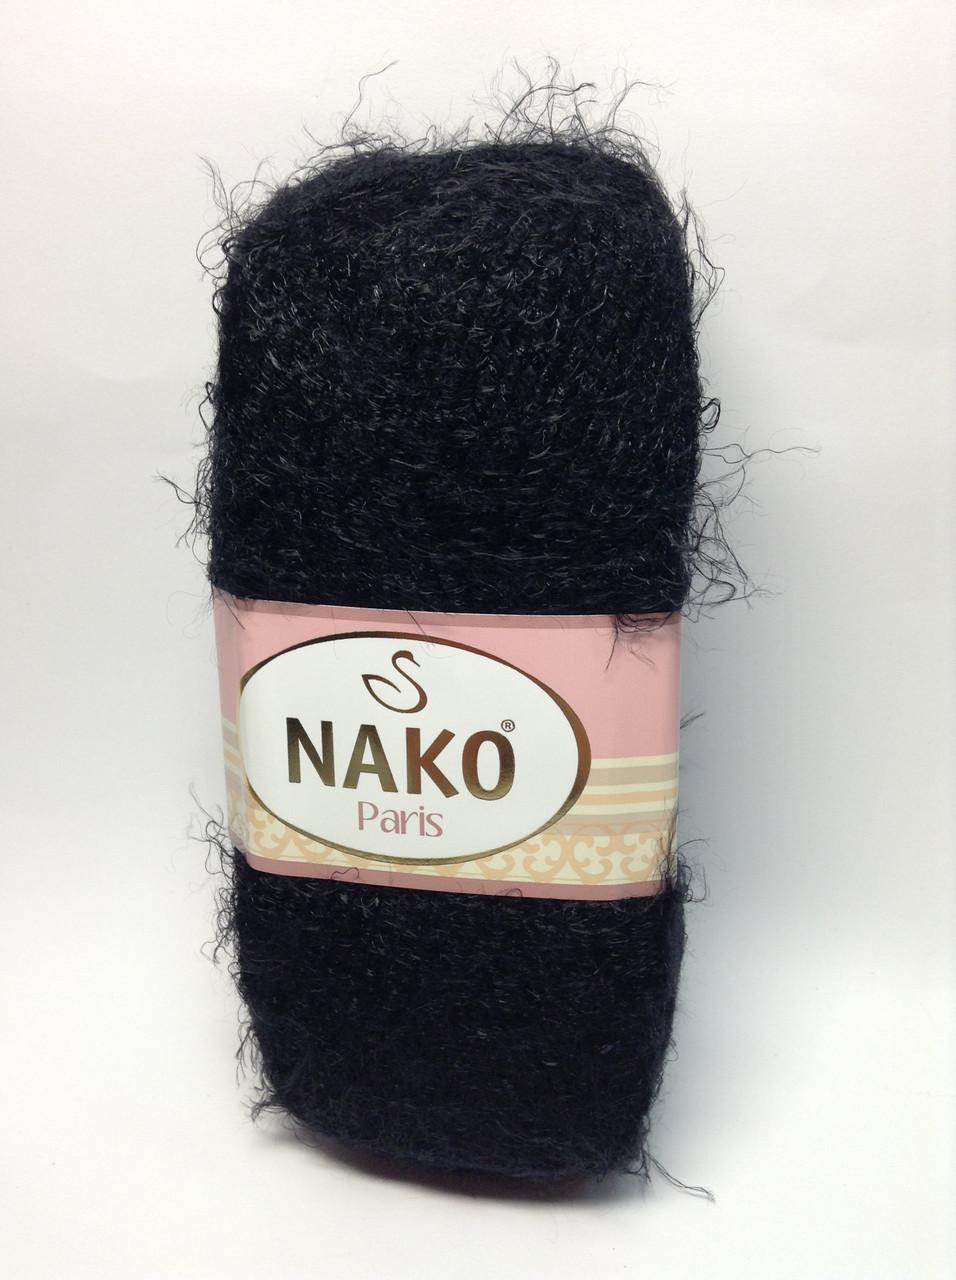 Пряжа nako paris - цвет черный